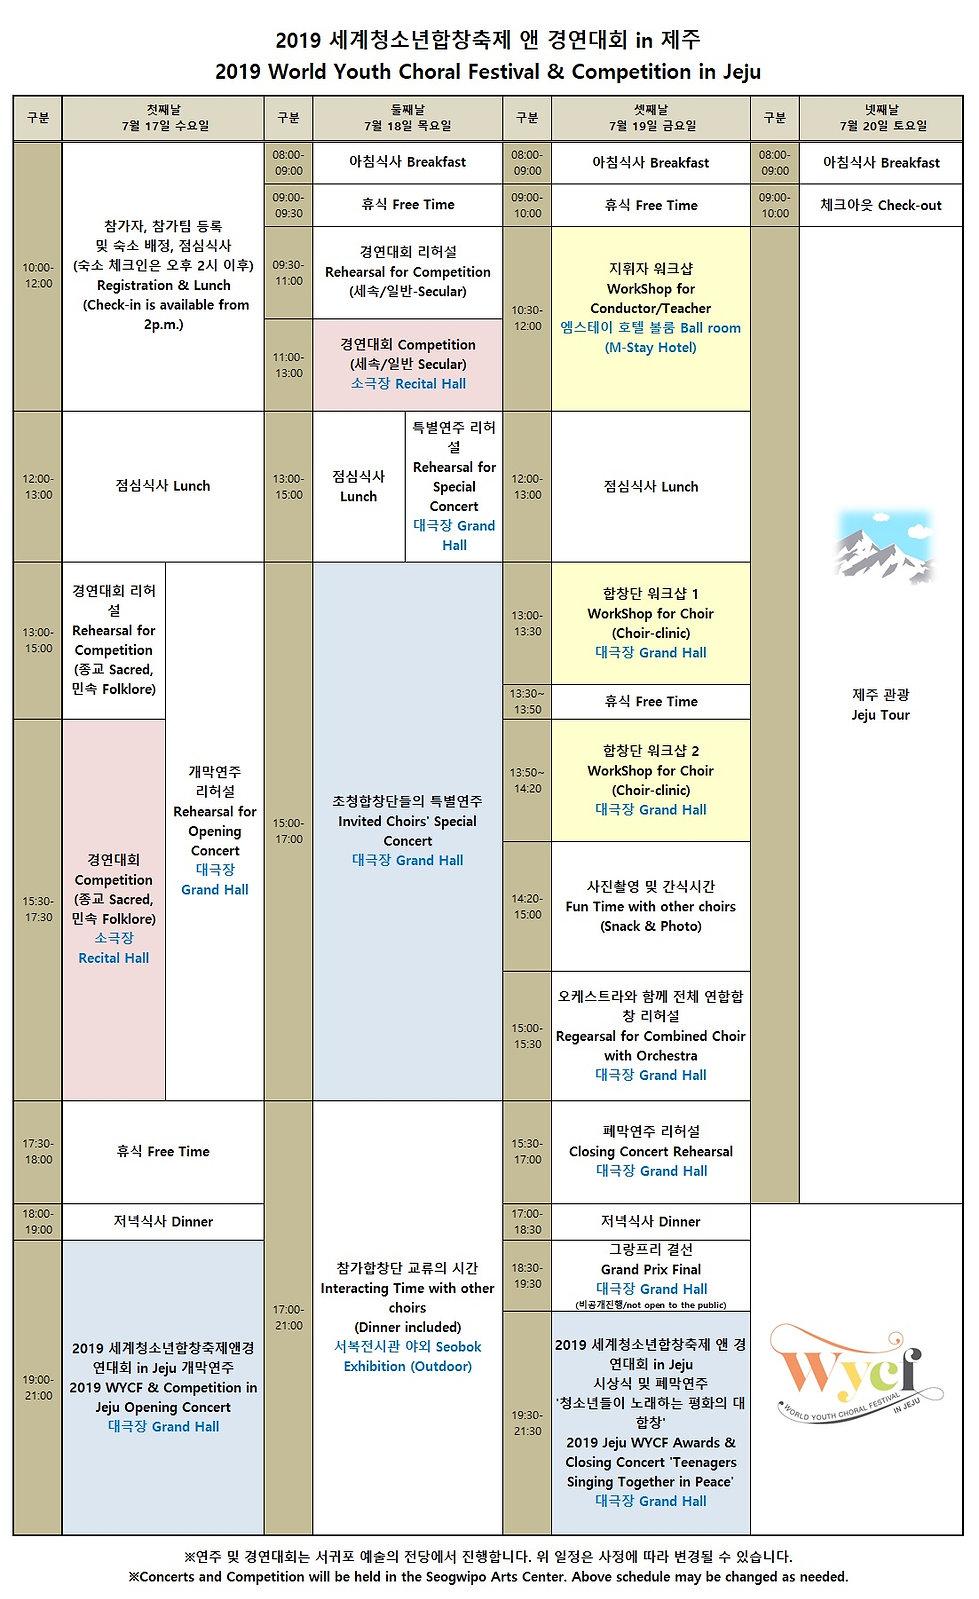 2019 WYCF Schedule(한영)_세로_최종.jpg